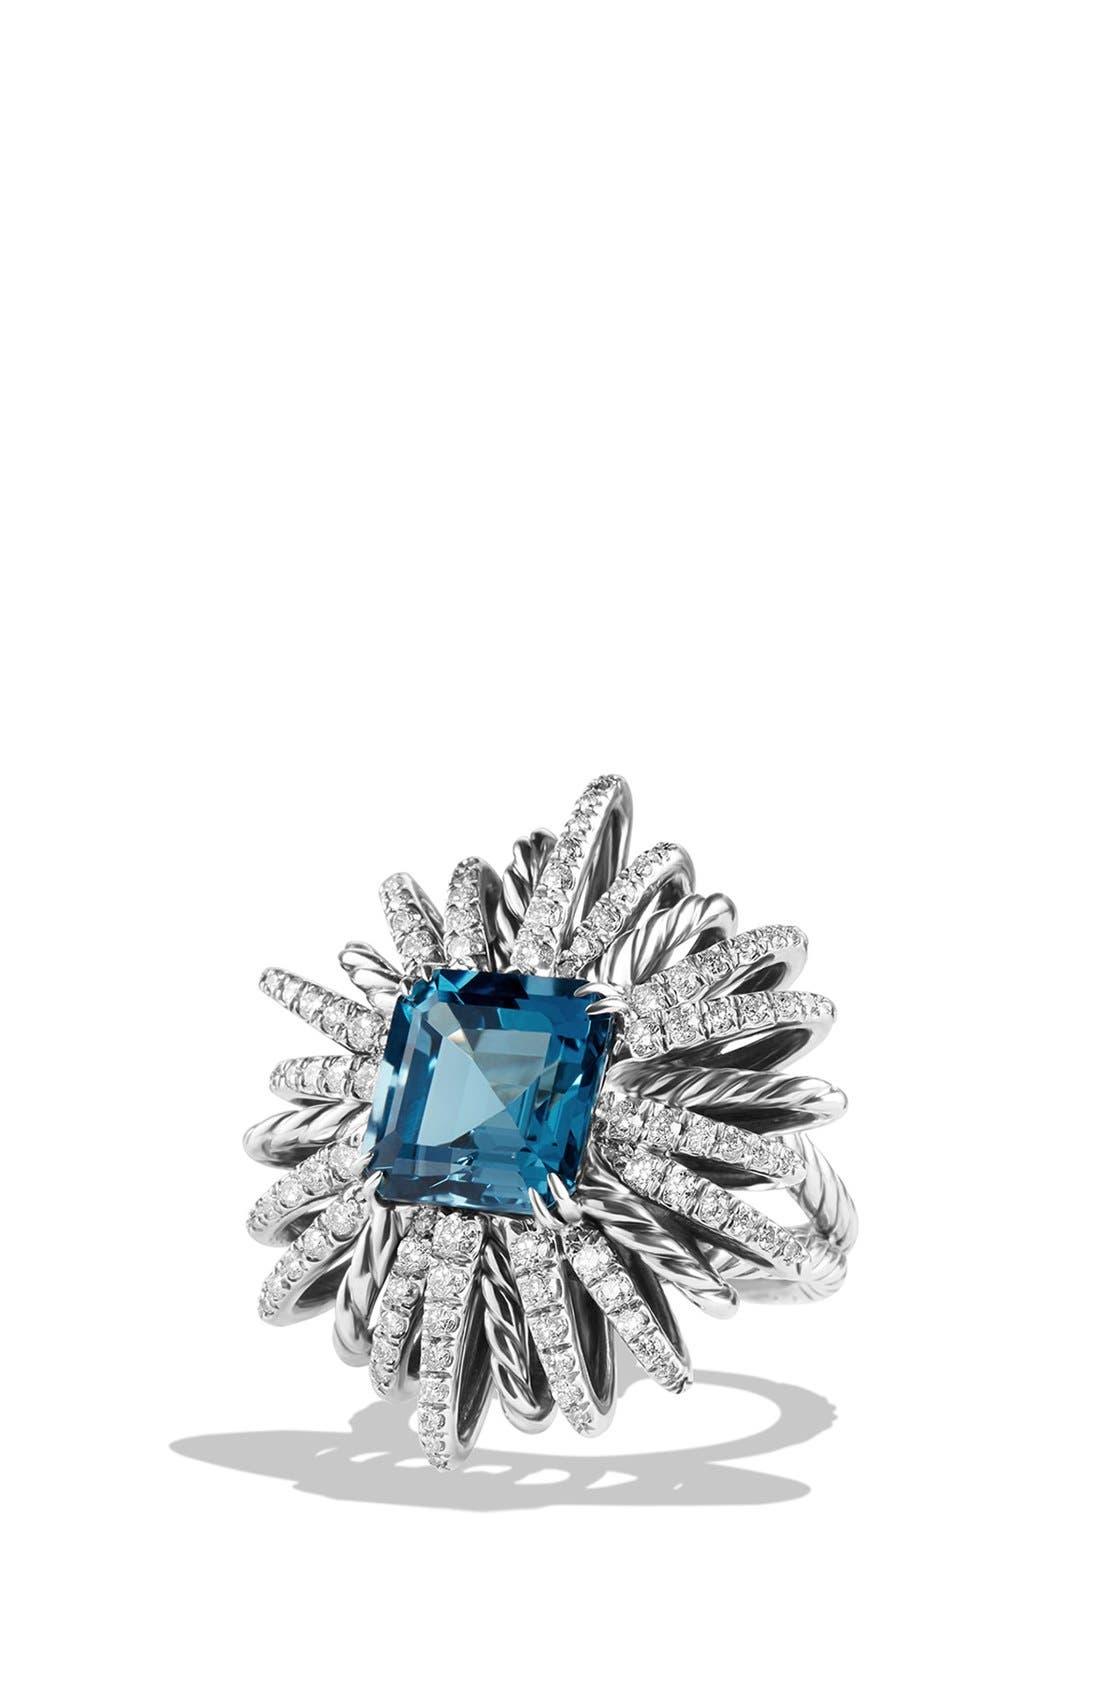 DAVID YURMAN Starburst Ring with Semiprecious Stone and Diamonds